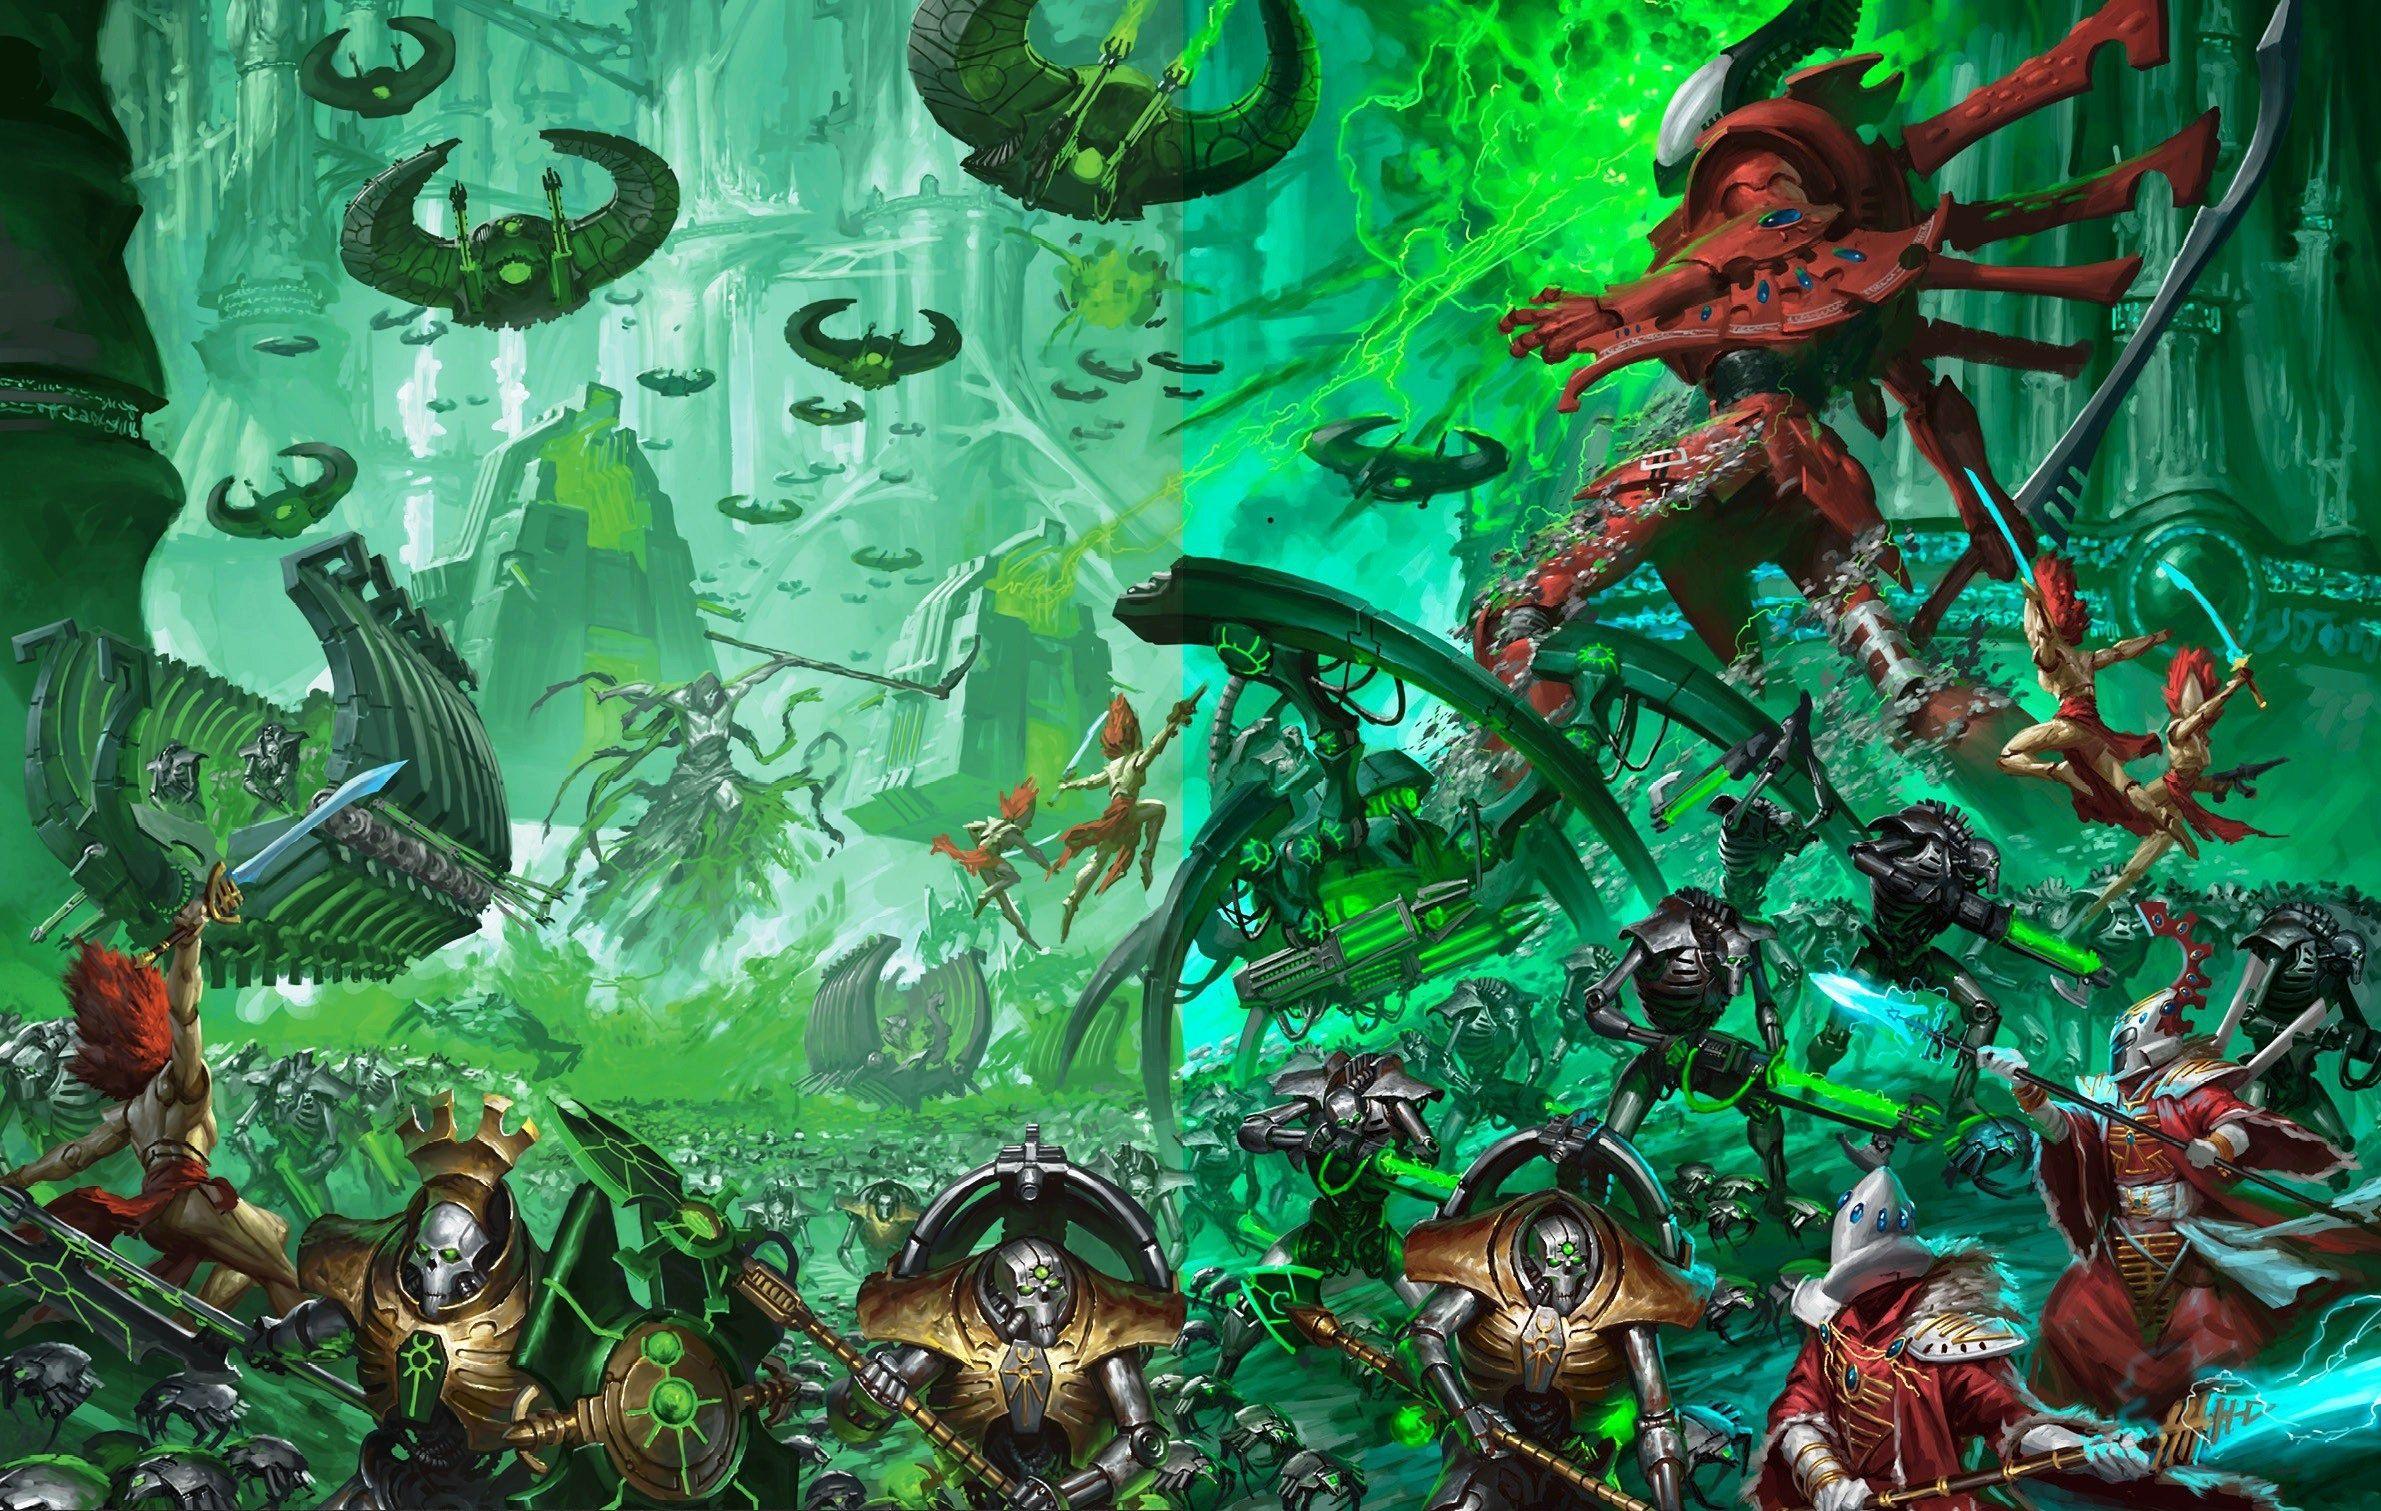 The Magic Of The Internet Warhammer 40k Necrons Necron Warhammer 40k Artwork